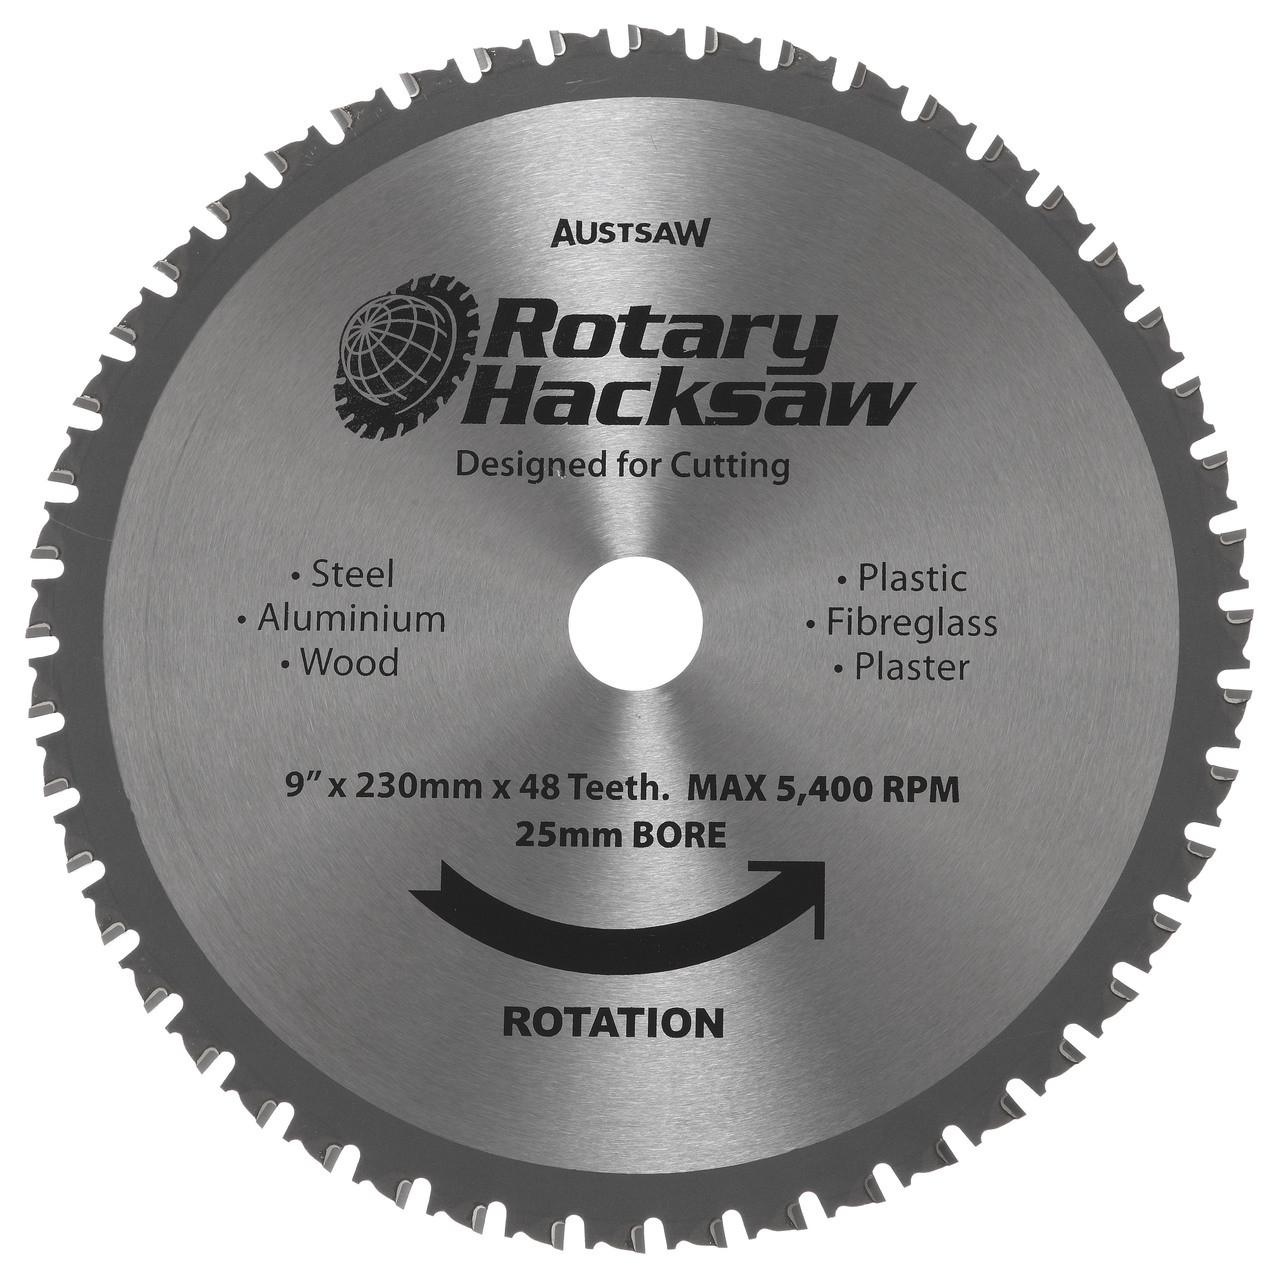 New austsaw rotary hacksaw blades ebay new austsaw rotary hacksaw blades greentooth Images